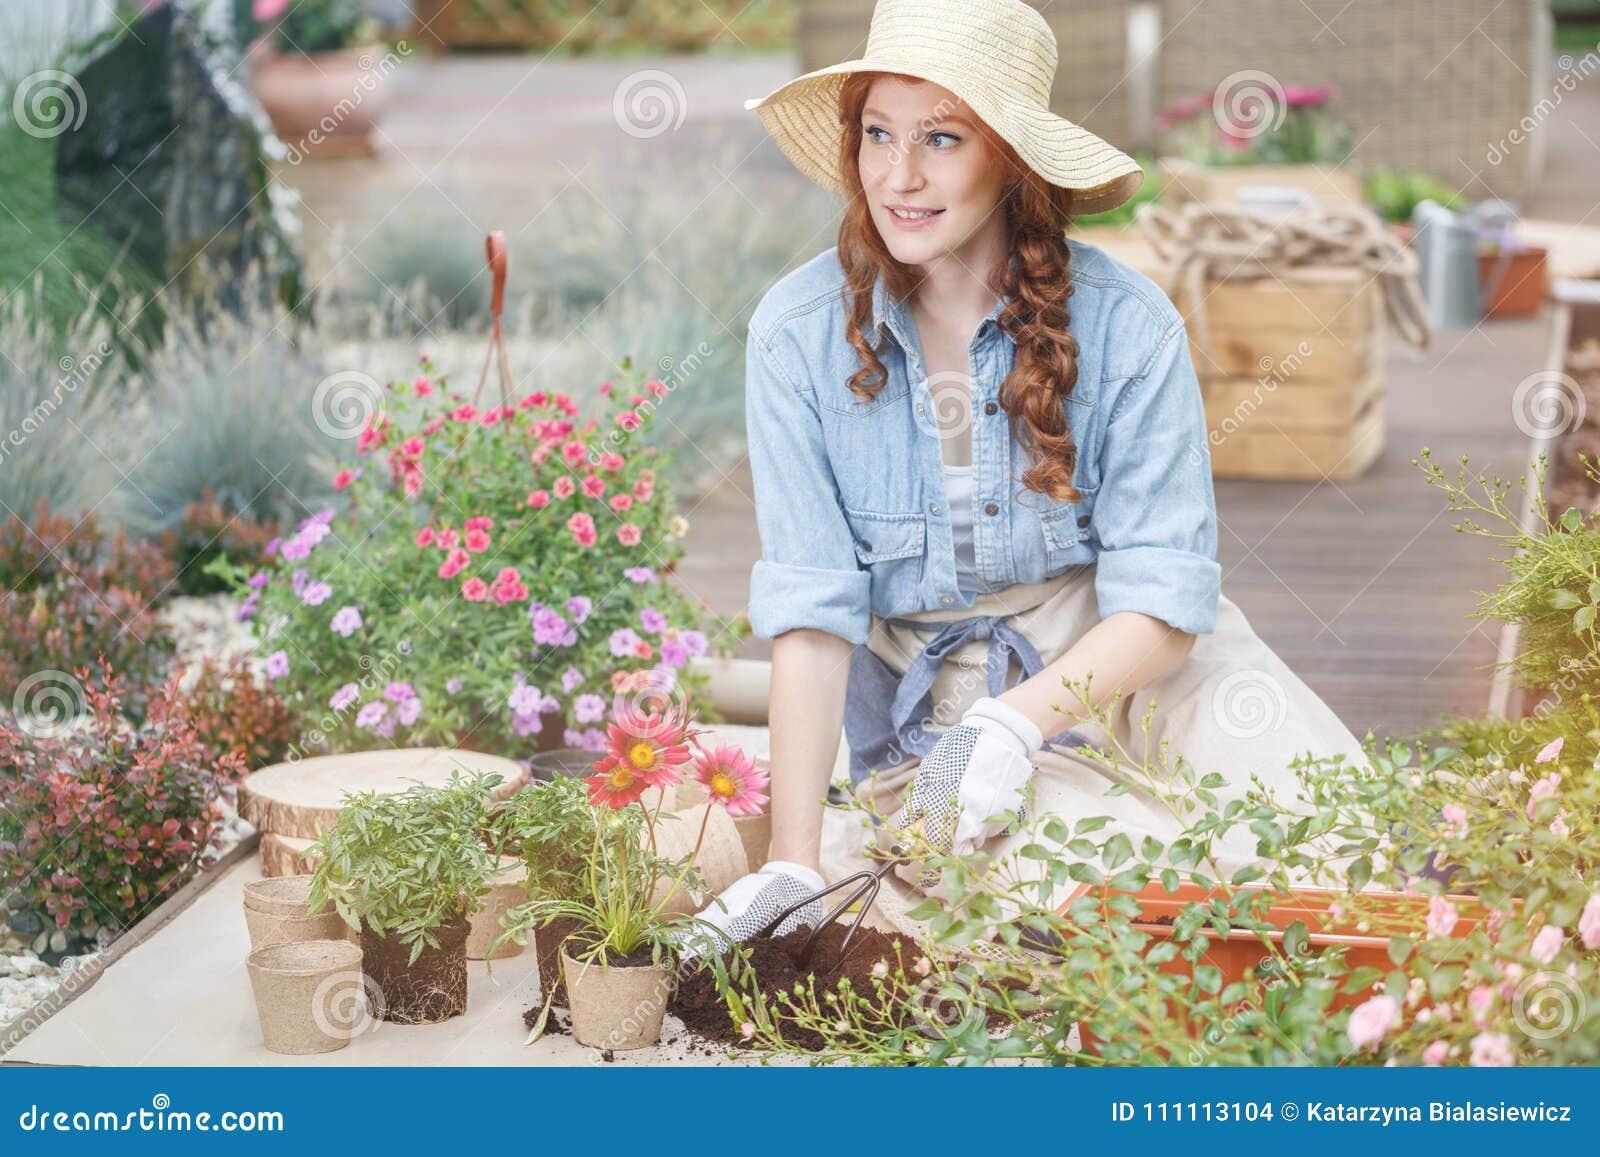 Adornamiento de la casa de verano con las flores